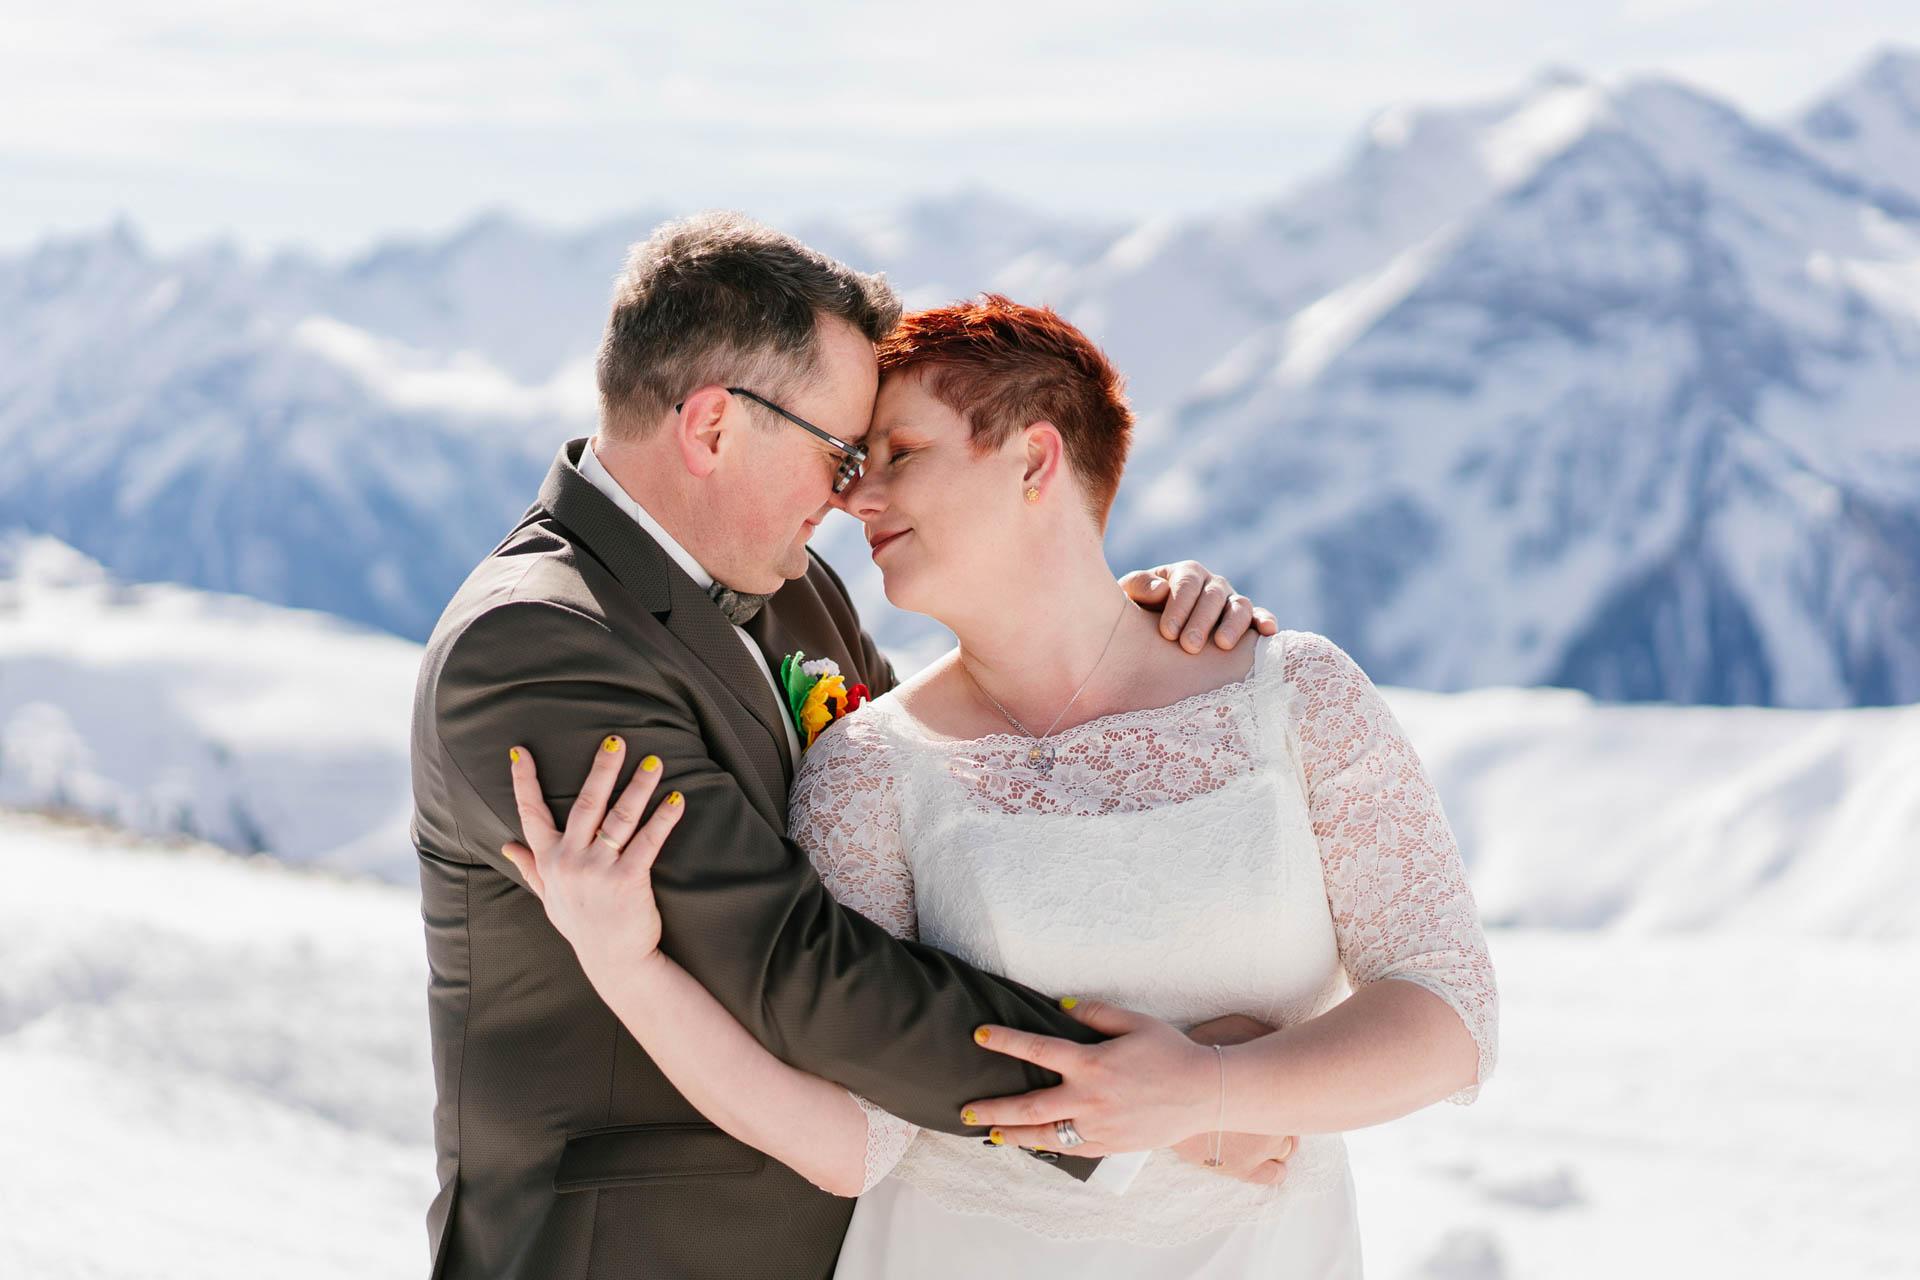 Brautpaar glücklich verträumt Kopf an Kopf im Schneepanorama im Zillertal